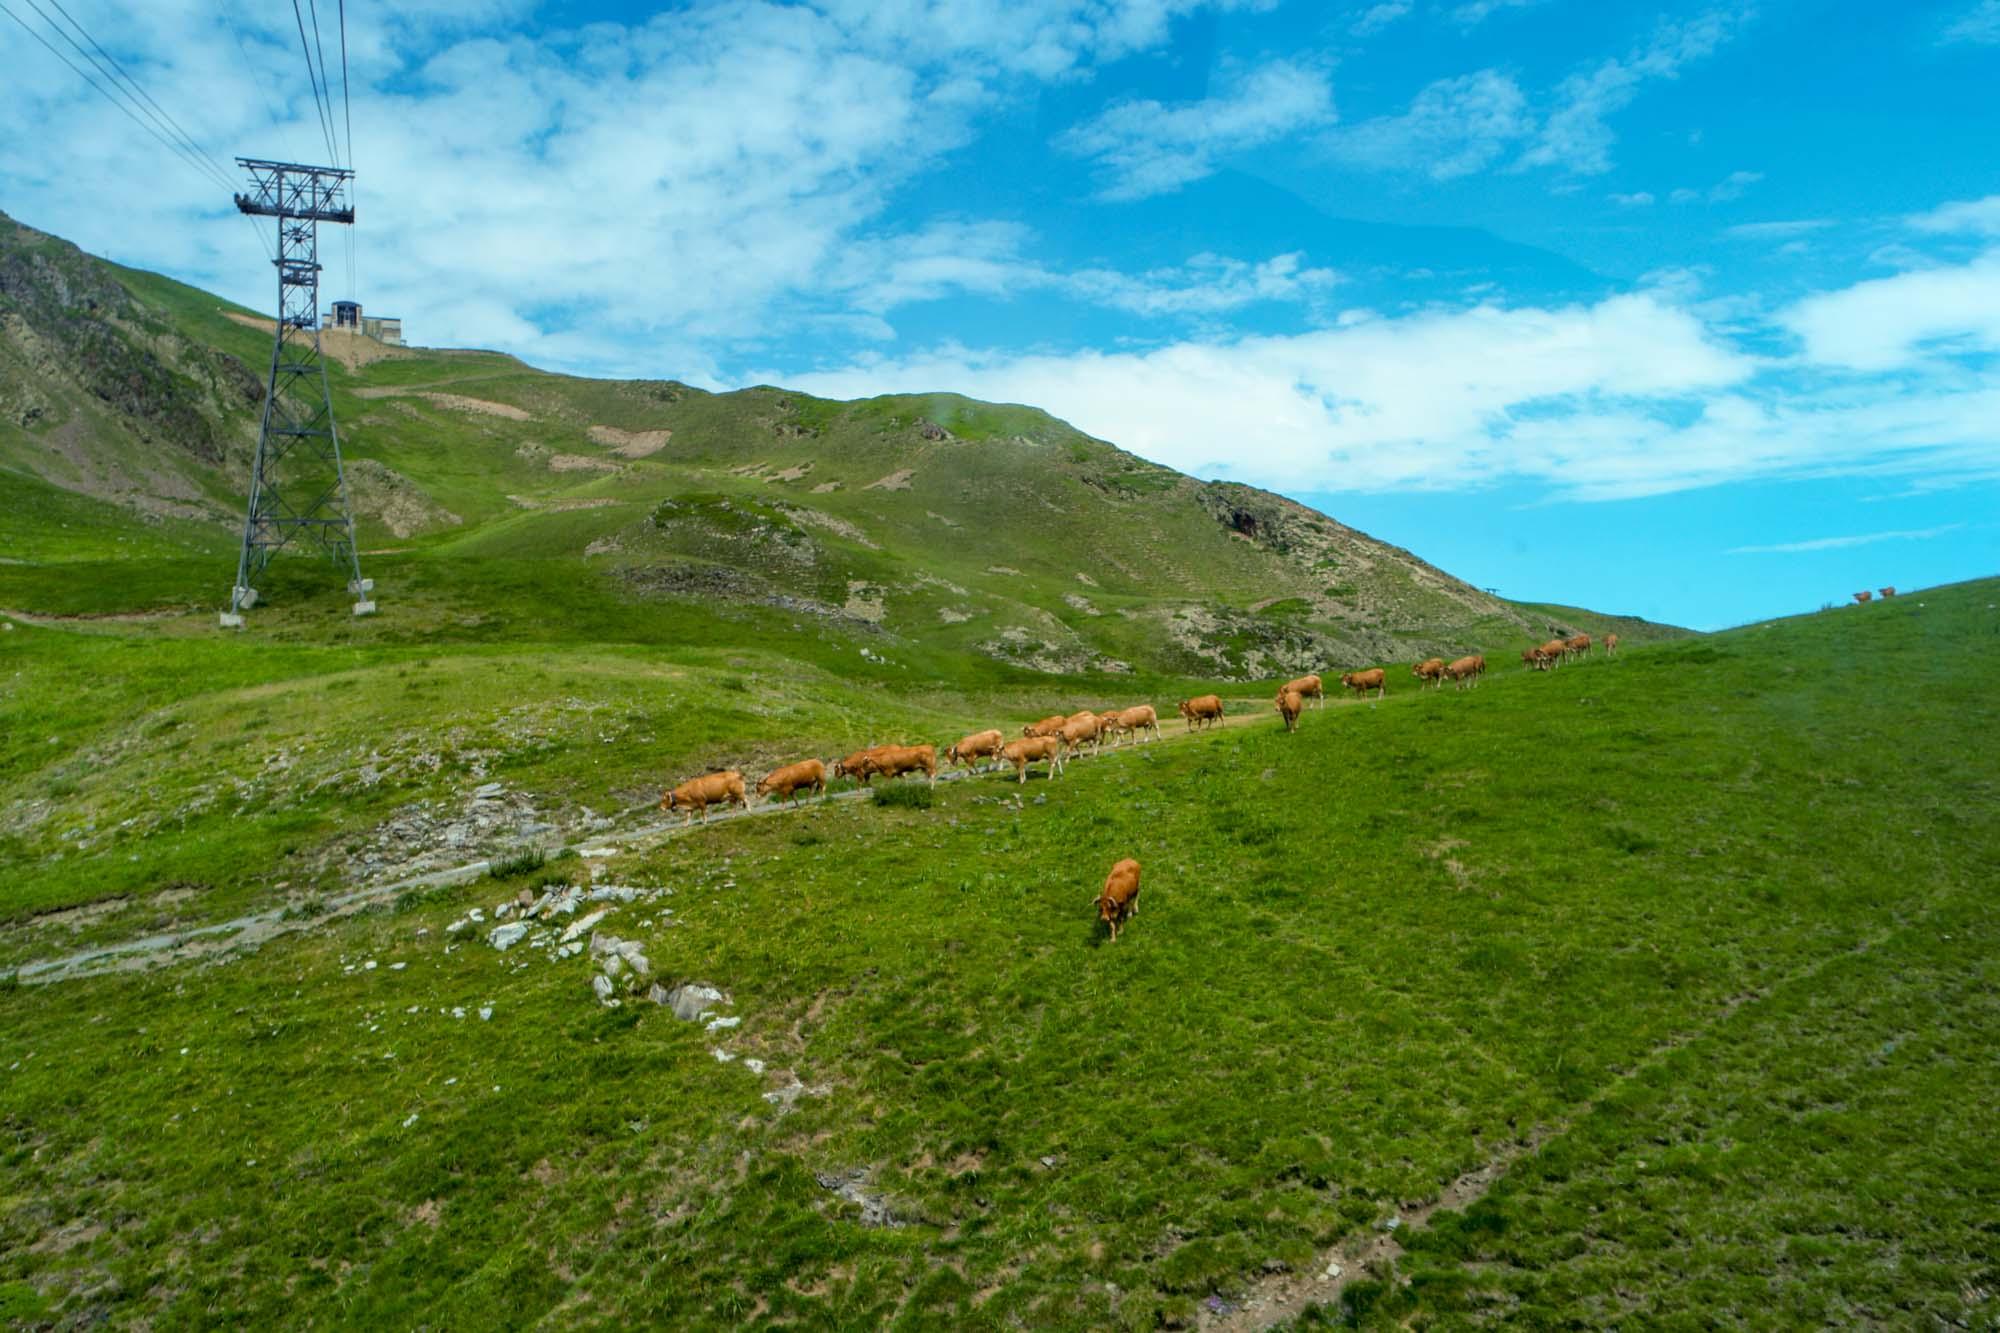 Montée au Pic du Midi par le téléphérique